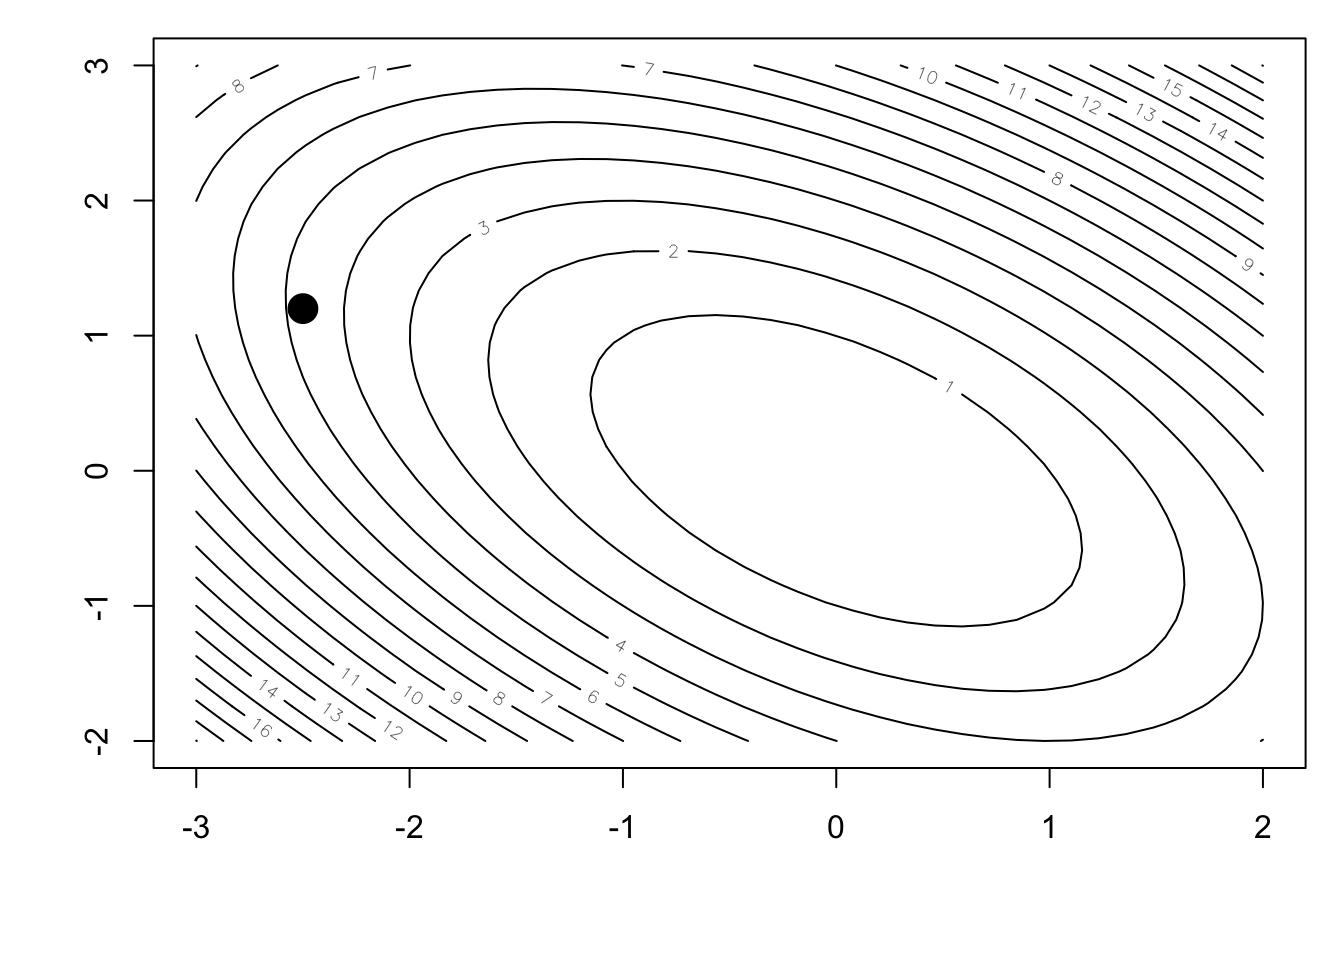 3 4 Conjugate Gradient Advanced Statistical Computing N = 700 alpha = 0.0001. 3 4 conjugate gradient advanced